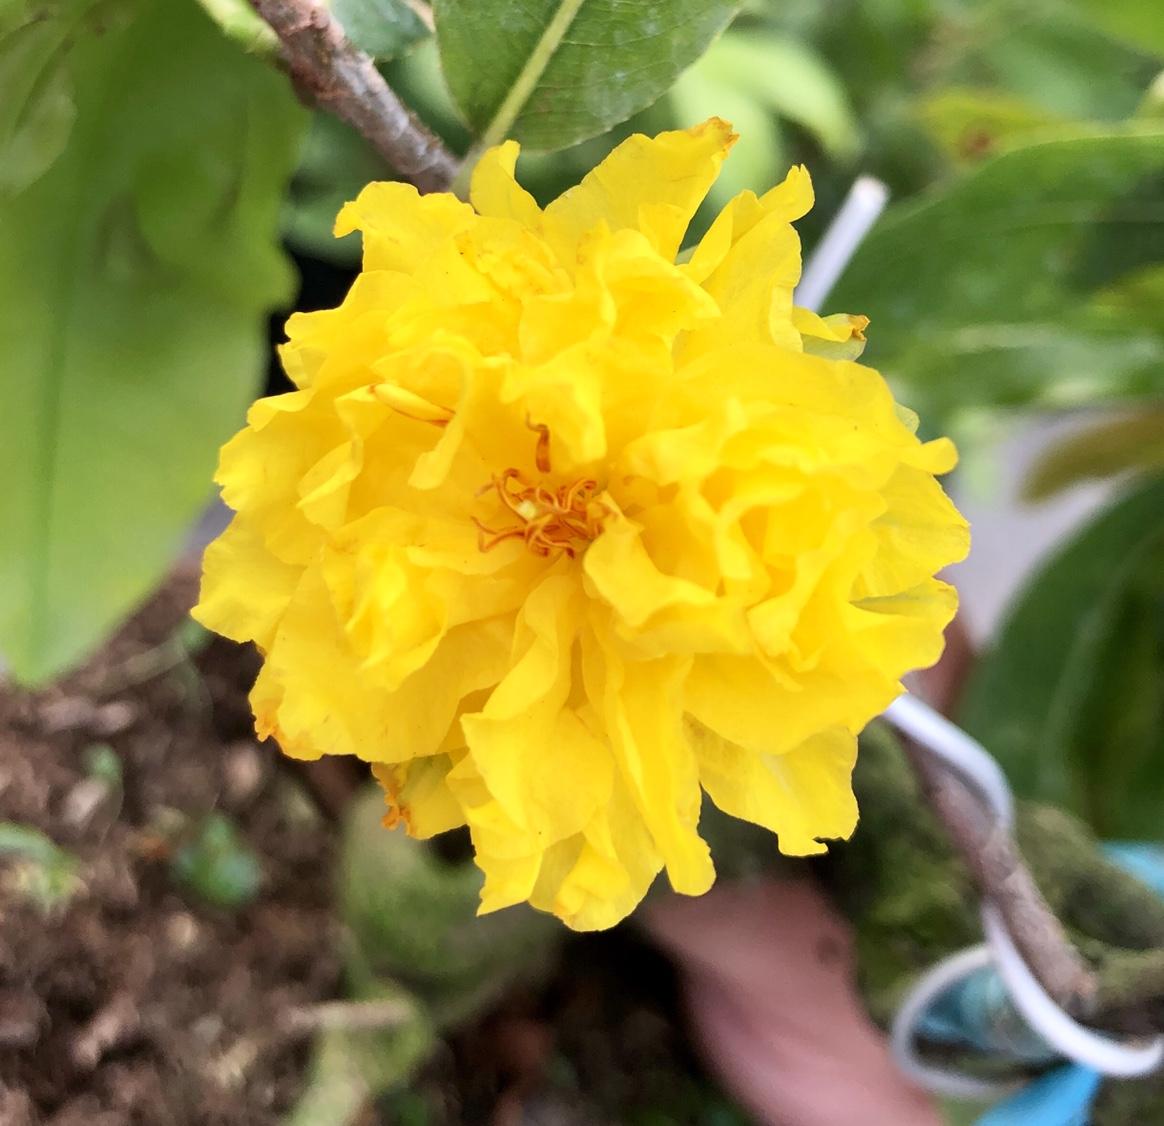 Hoa cúc vạn thọ màu vàng đẹp